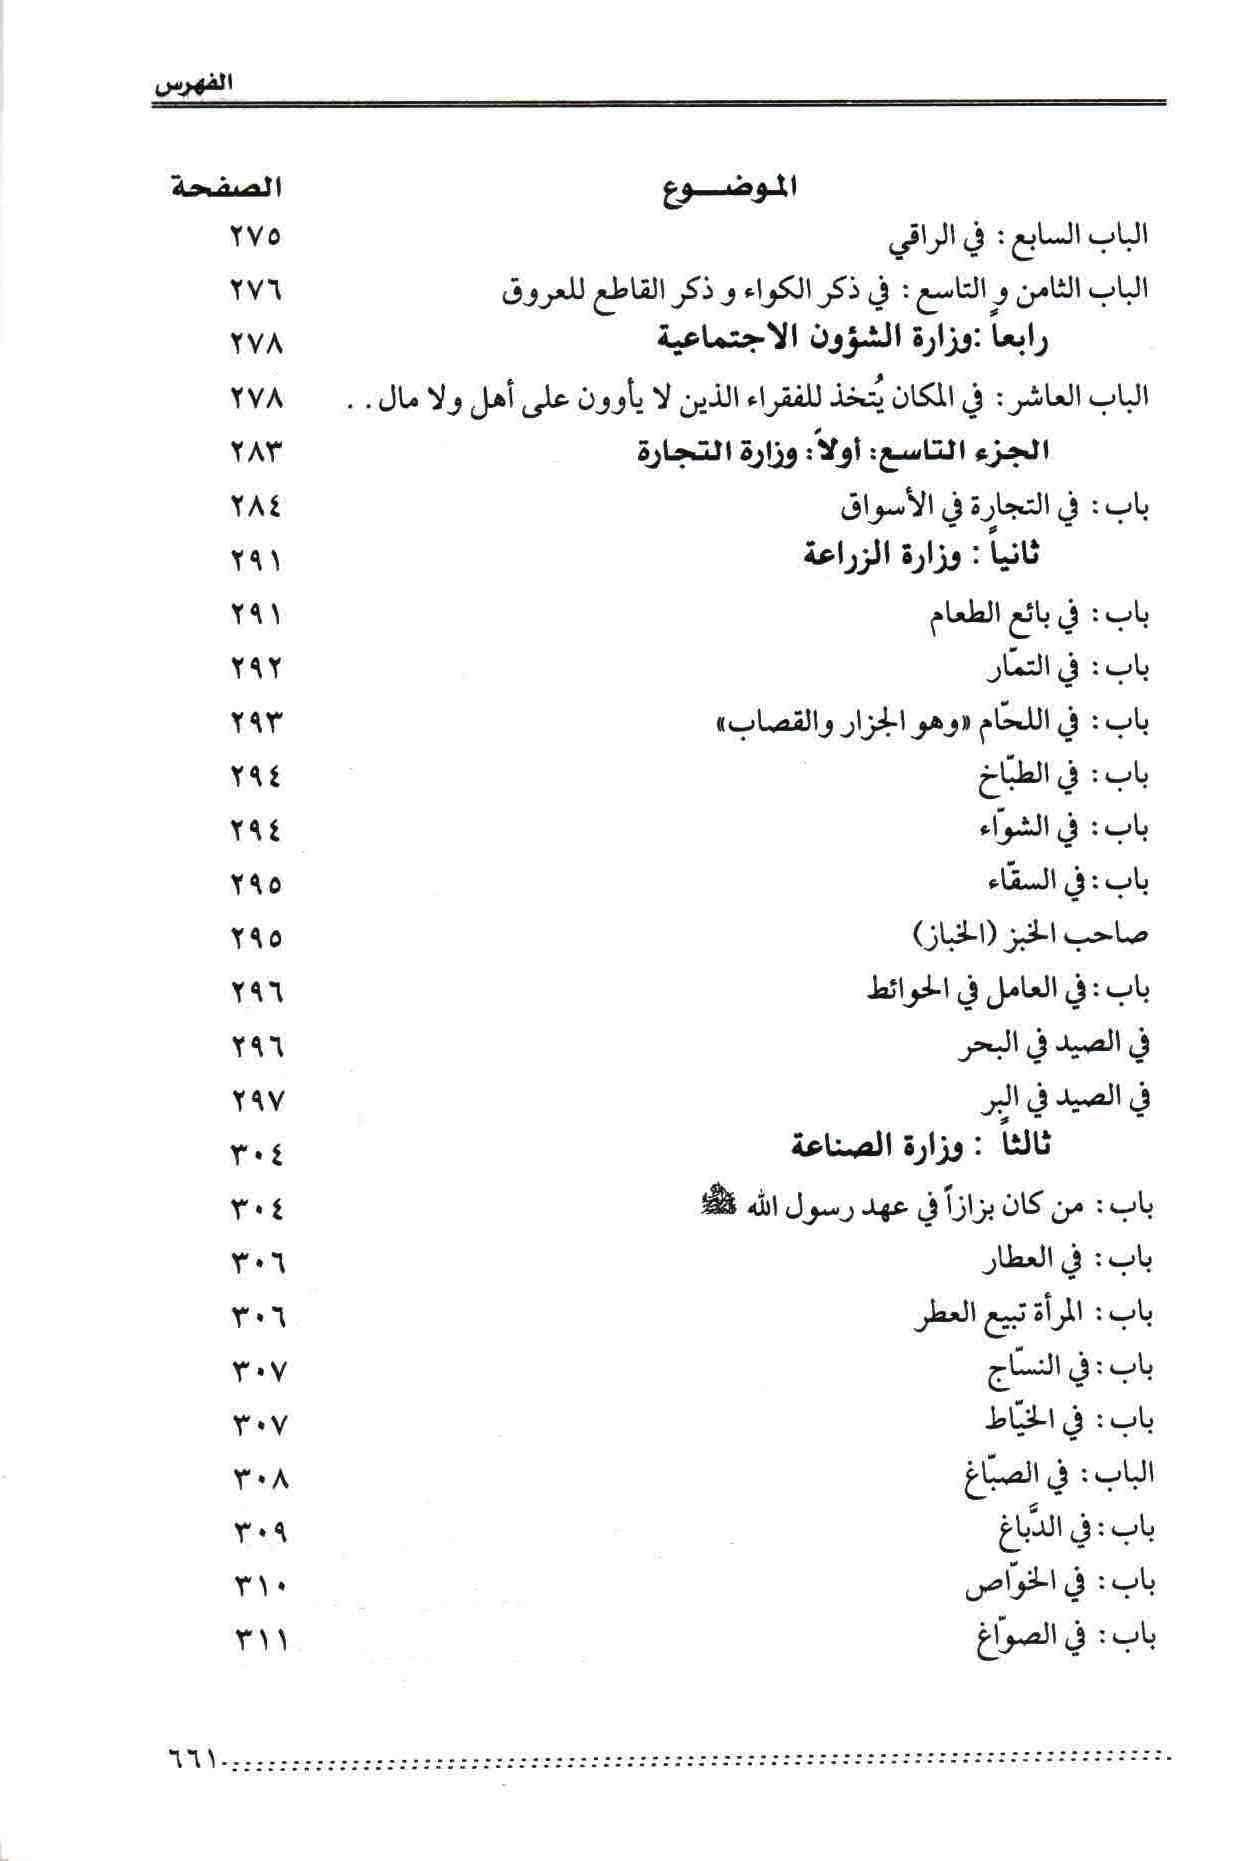 ص 61محتويات كتاب نظام الحكومة النبوية المسمي التراتيب الإدارية